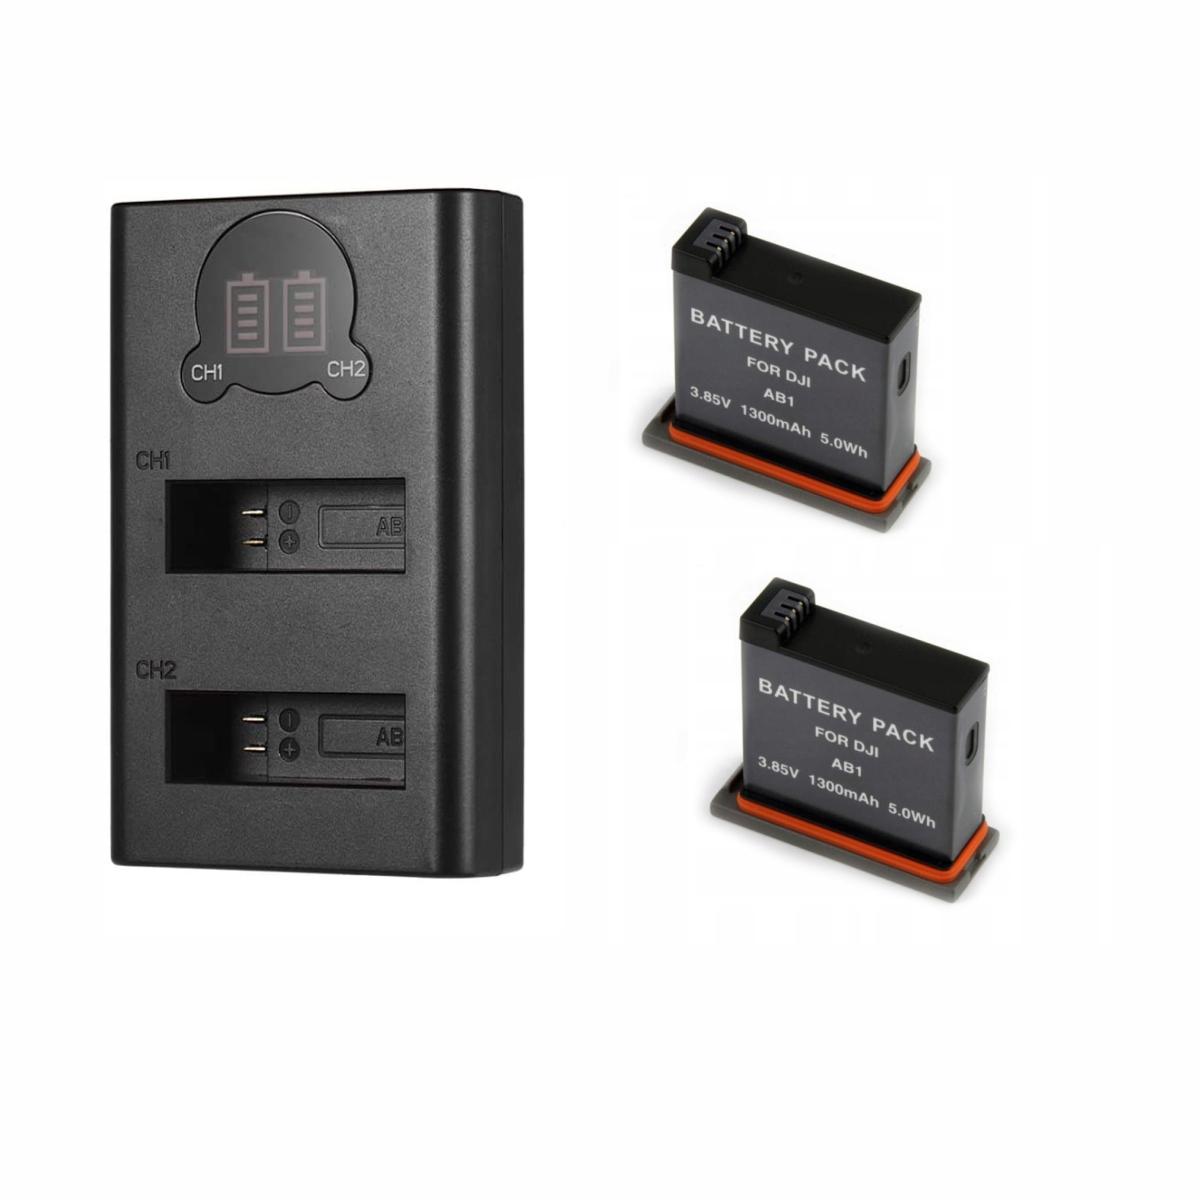 Kit 2 Baterias Osmo Action AB1 + Carregador Duplo AB1 Para DJI